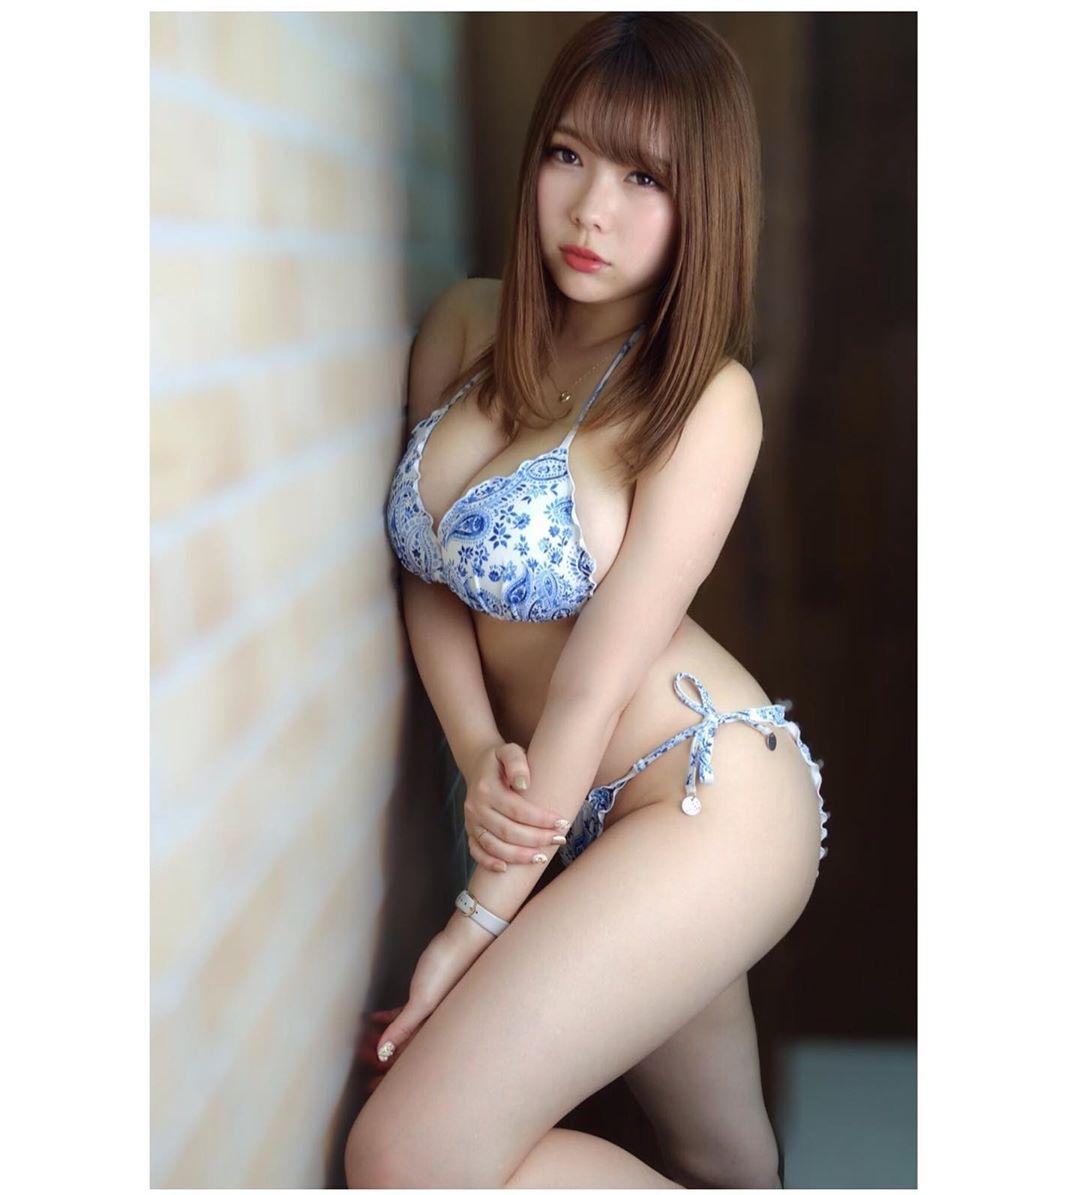 yuuki_chika084.jpg